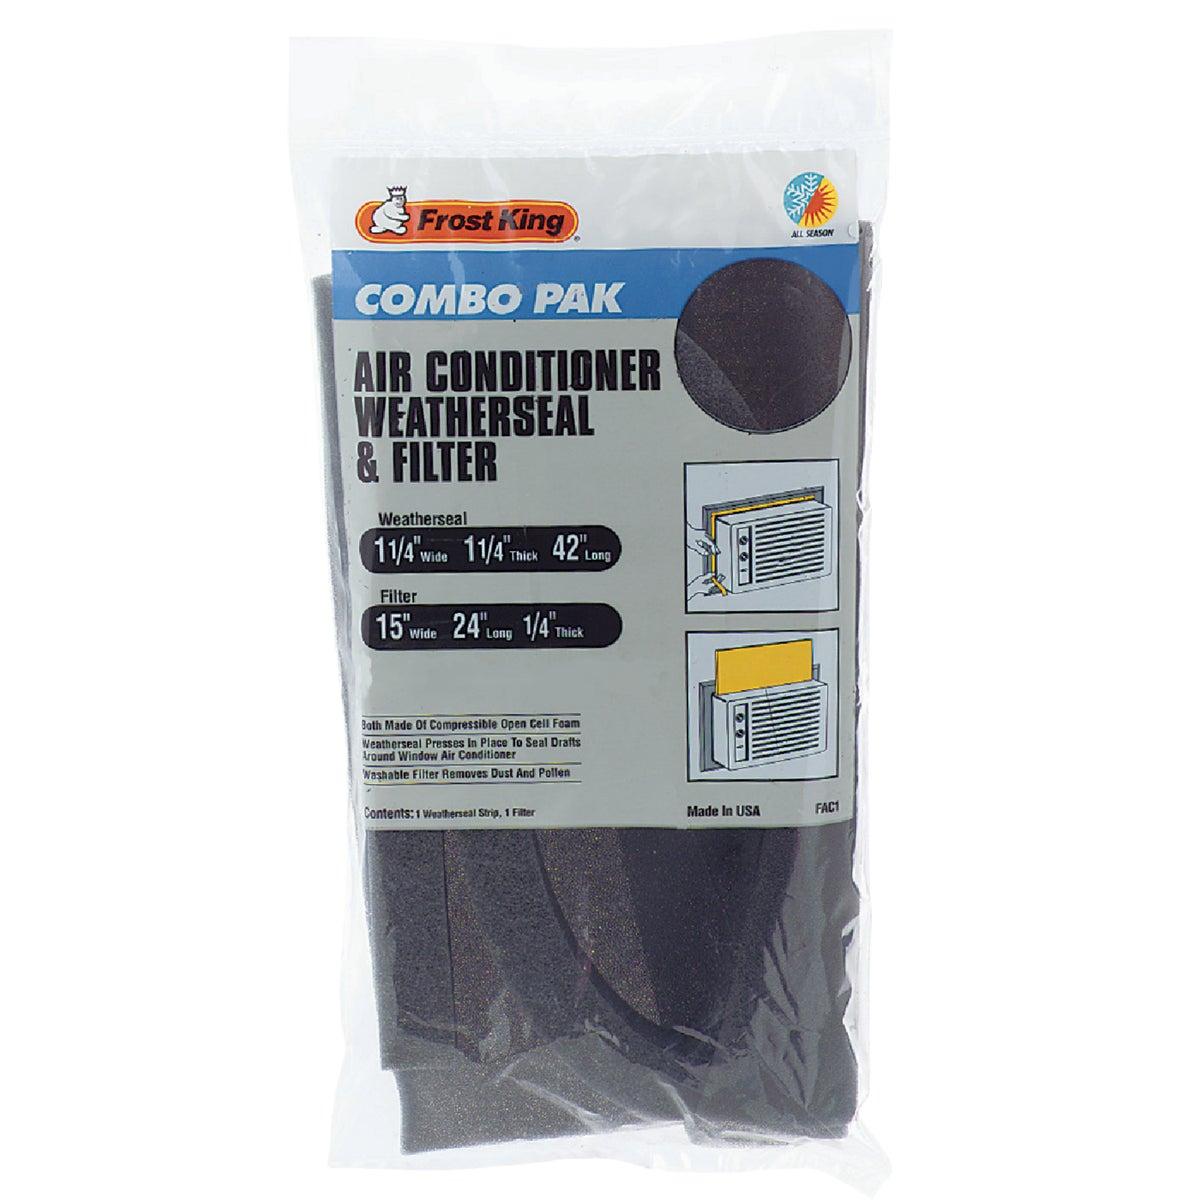 Ac Filter/Weathrseal Kit